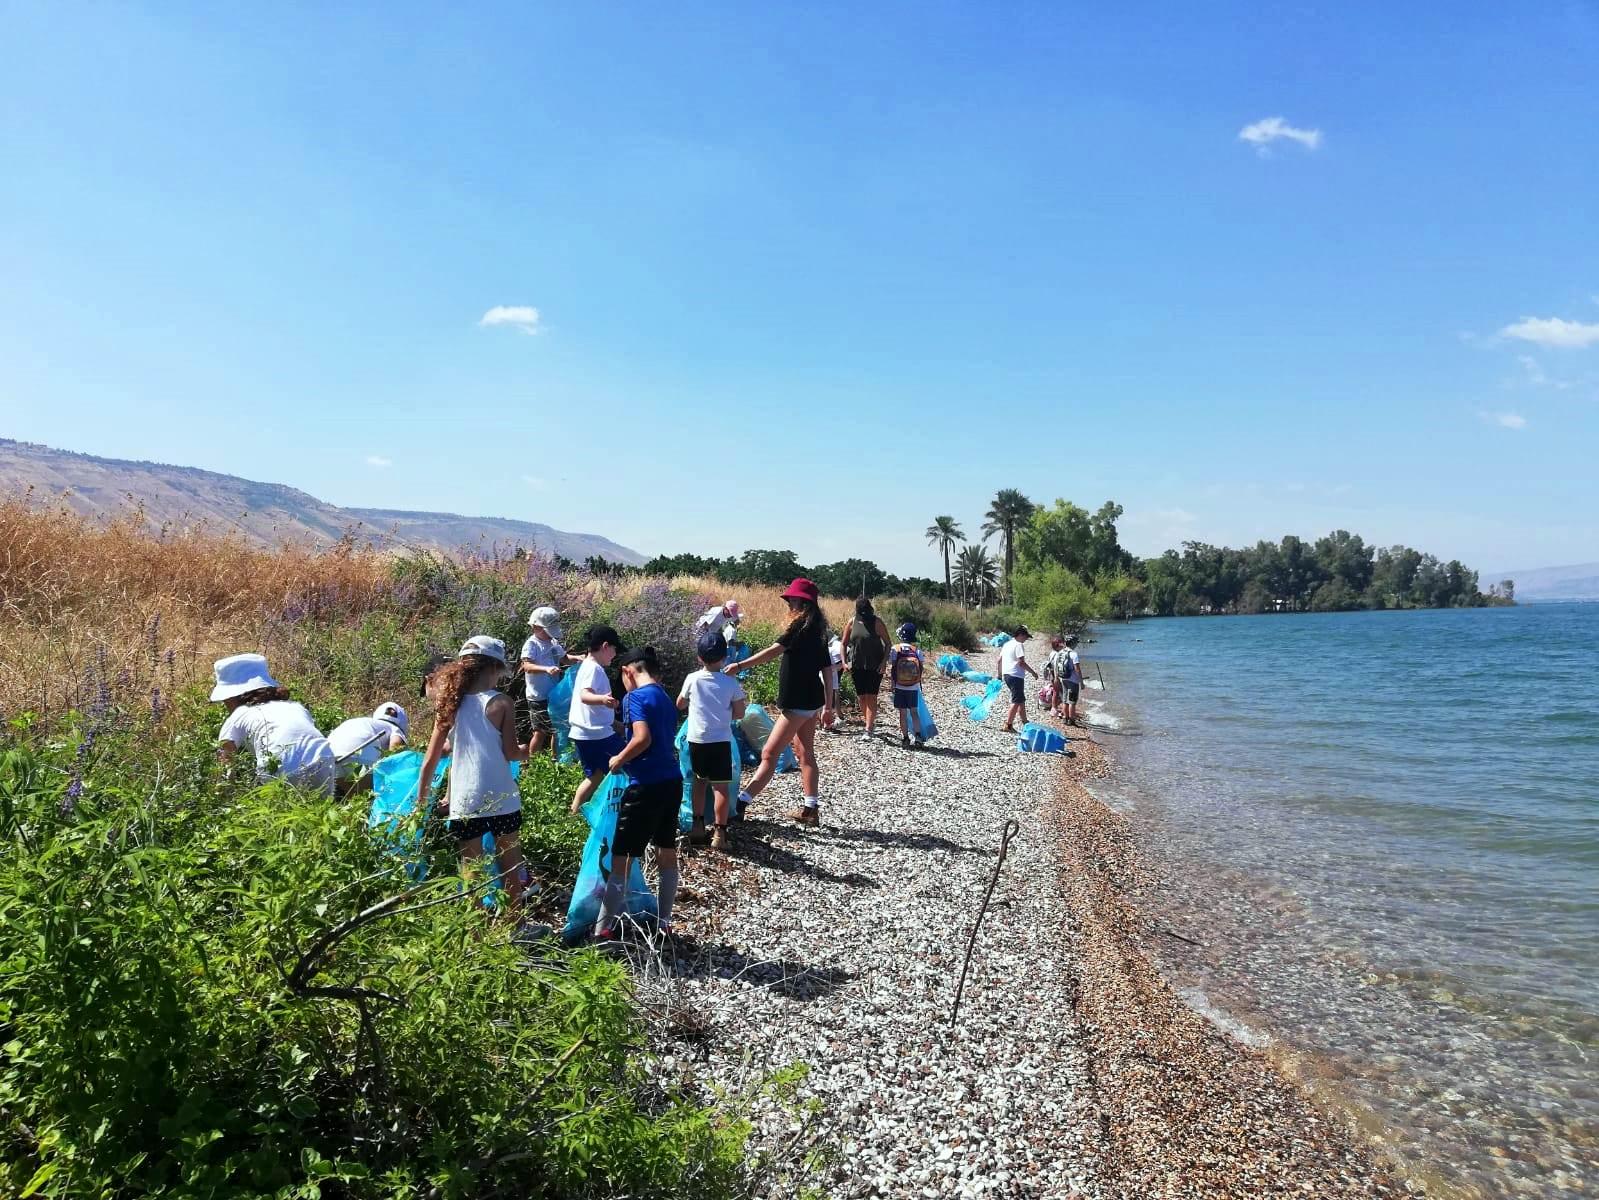 הסתיים בהצלחה פרויקט ללימוד הסביבה וניקיון חופי הכינרת